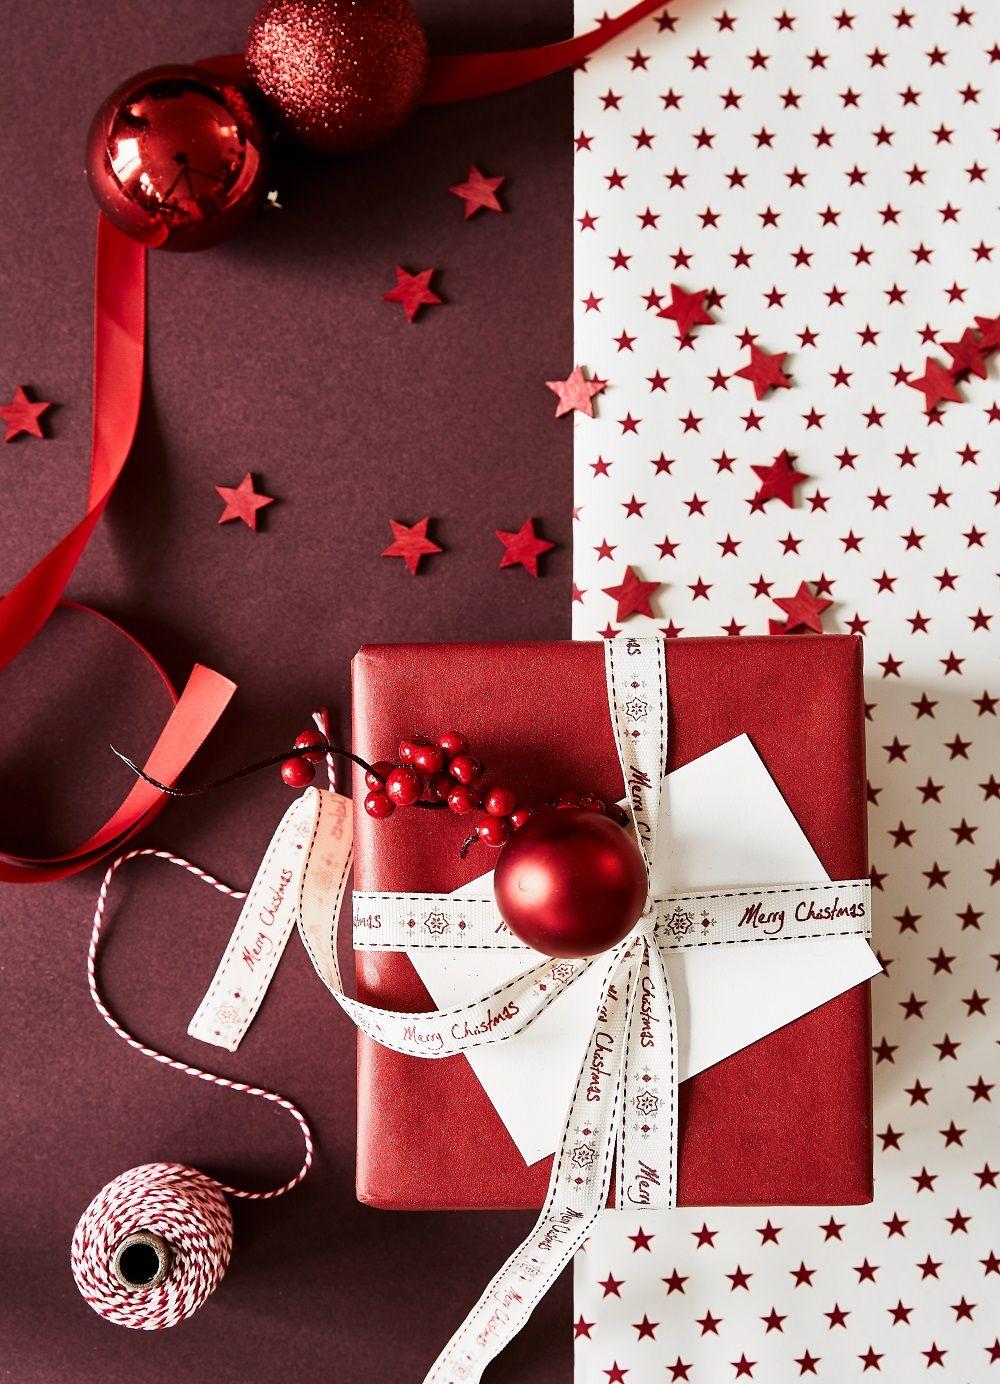 geschenkverpackungen in den farben rot und wei sehen. Black Bedroom Furniture Sets. Home Design Ideas